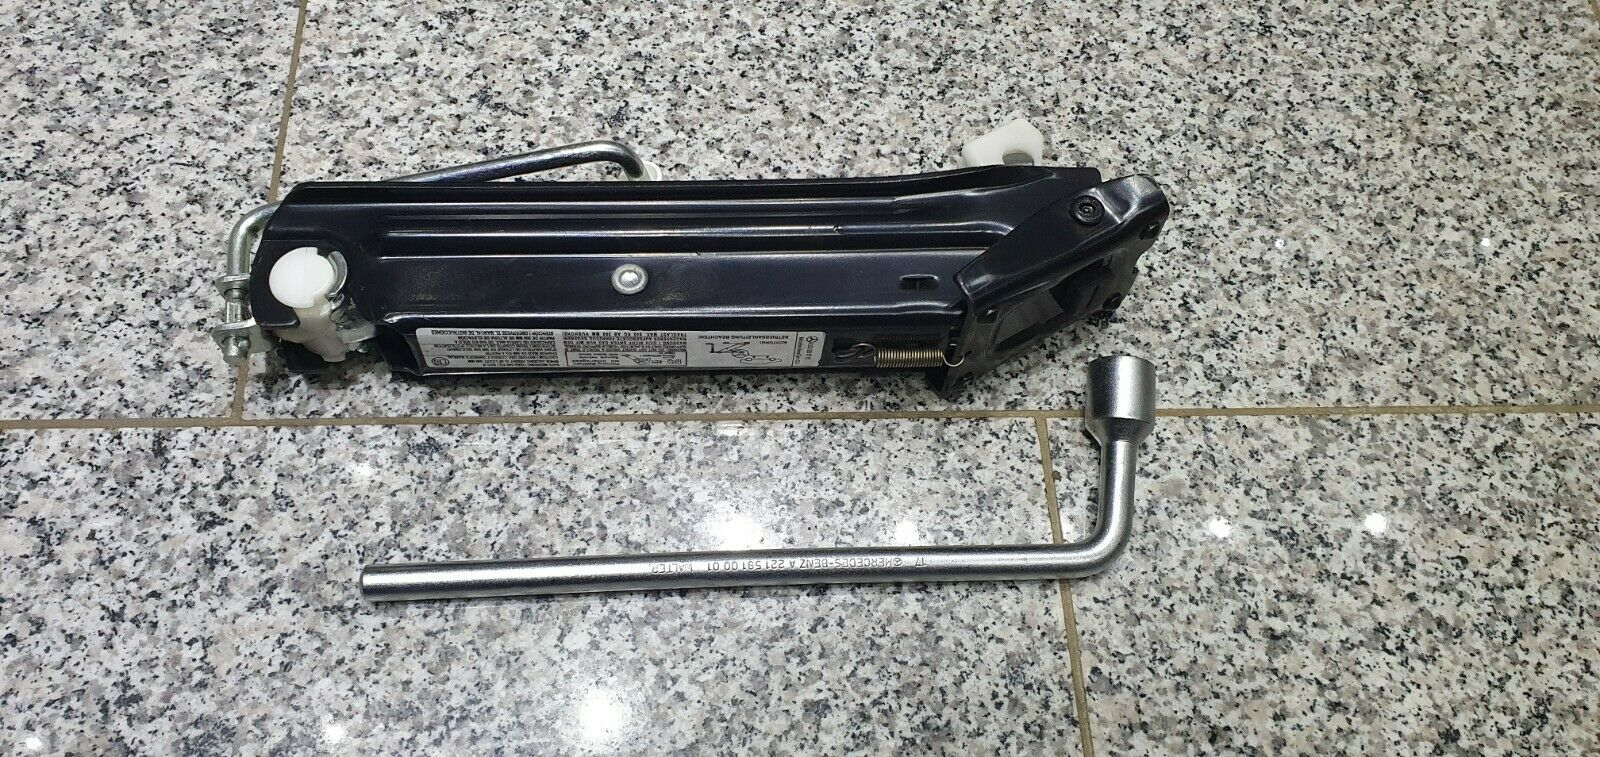 Mercedes-Benz W203, W209 Bord Werkzeug Wagenheber und Radschlüssel A2035830715.